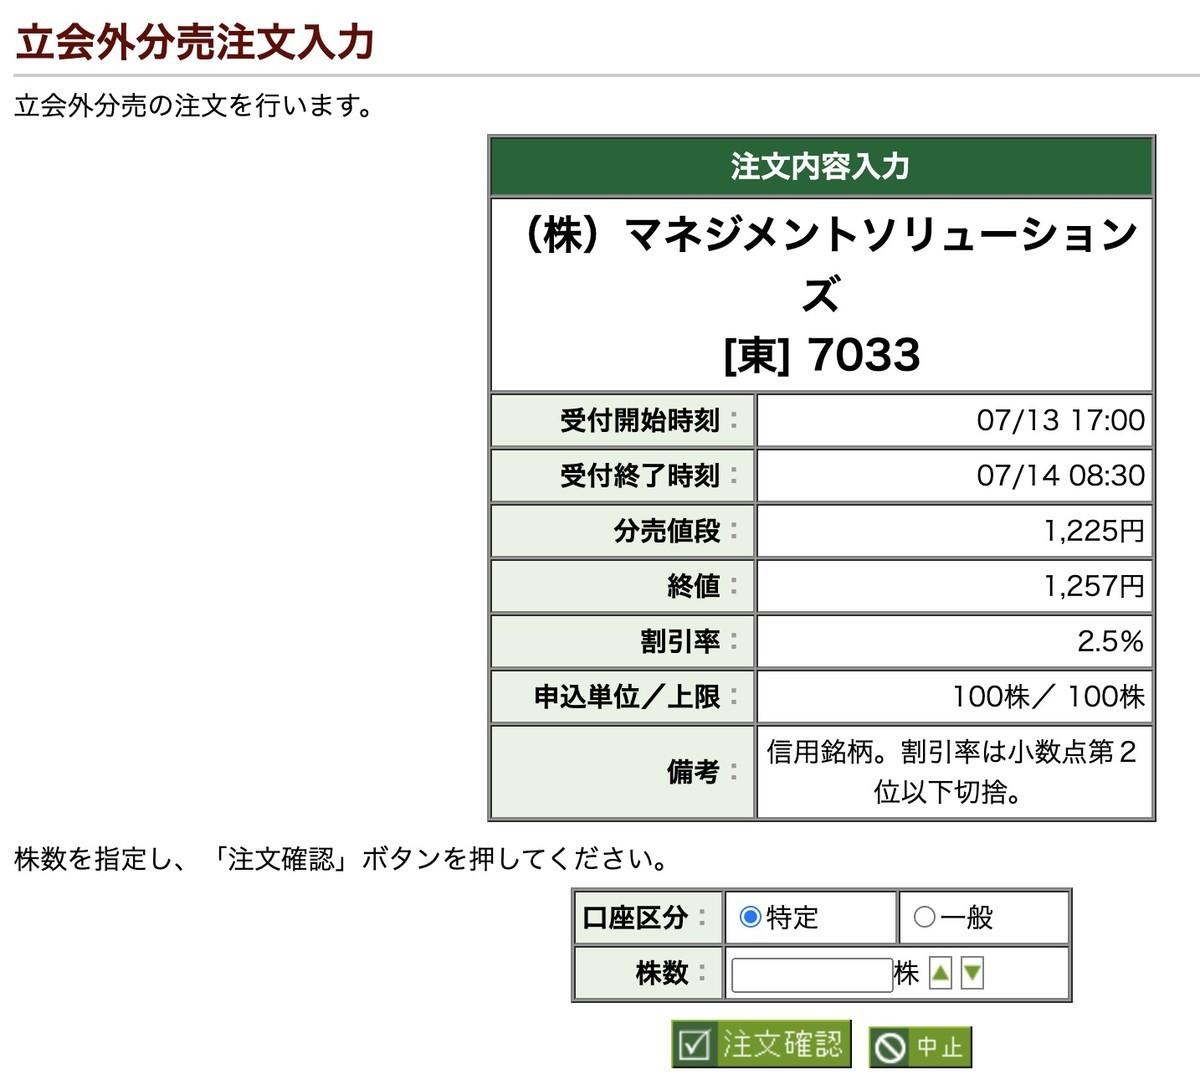 f:id:kuzyo:20200714073906j:plain